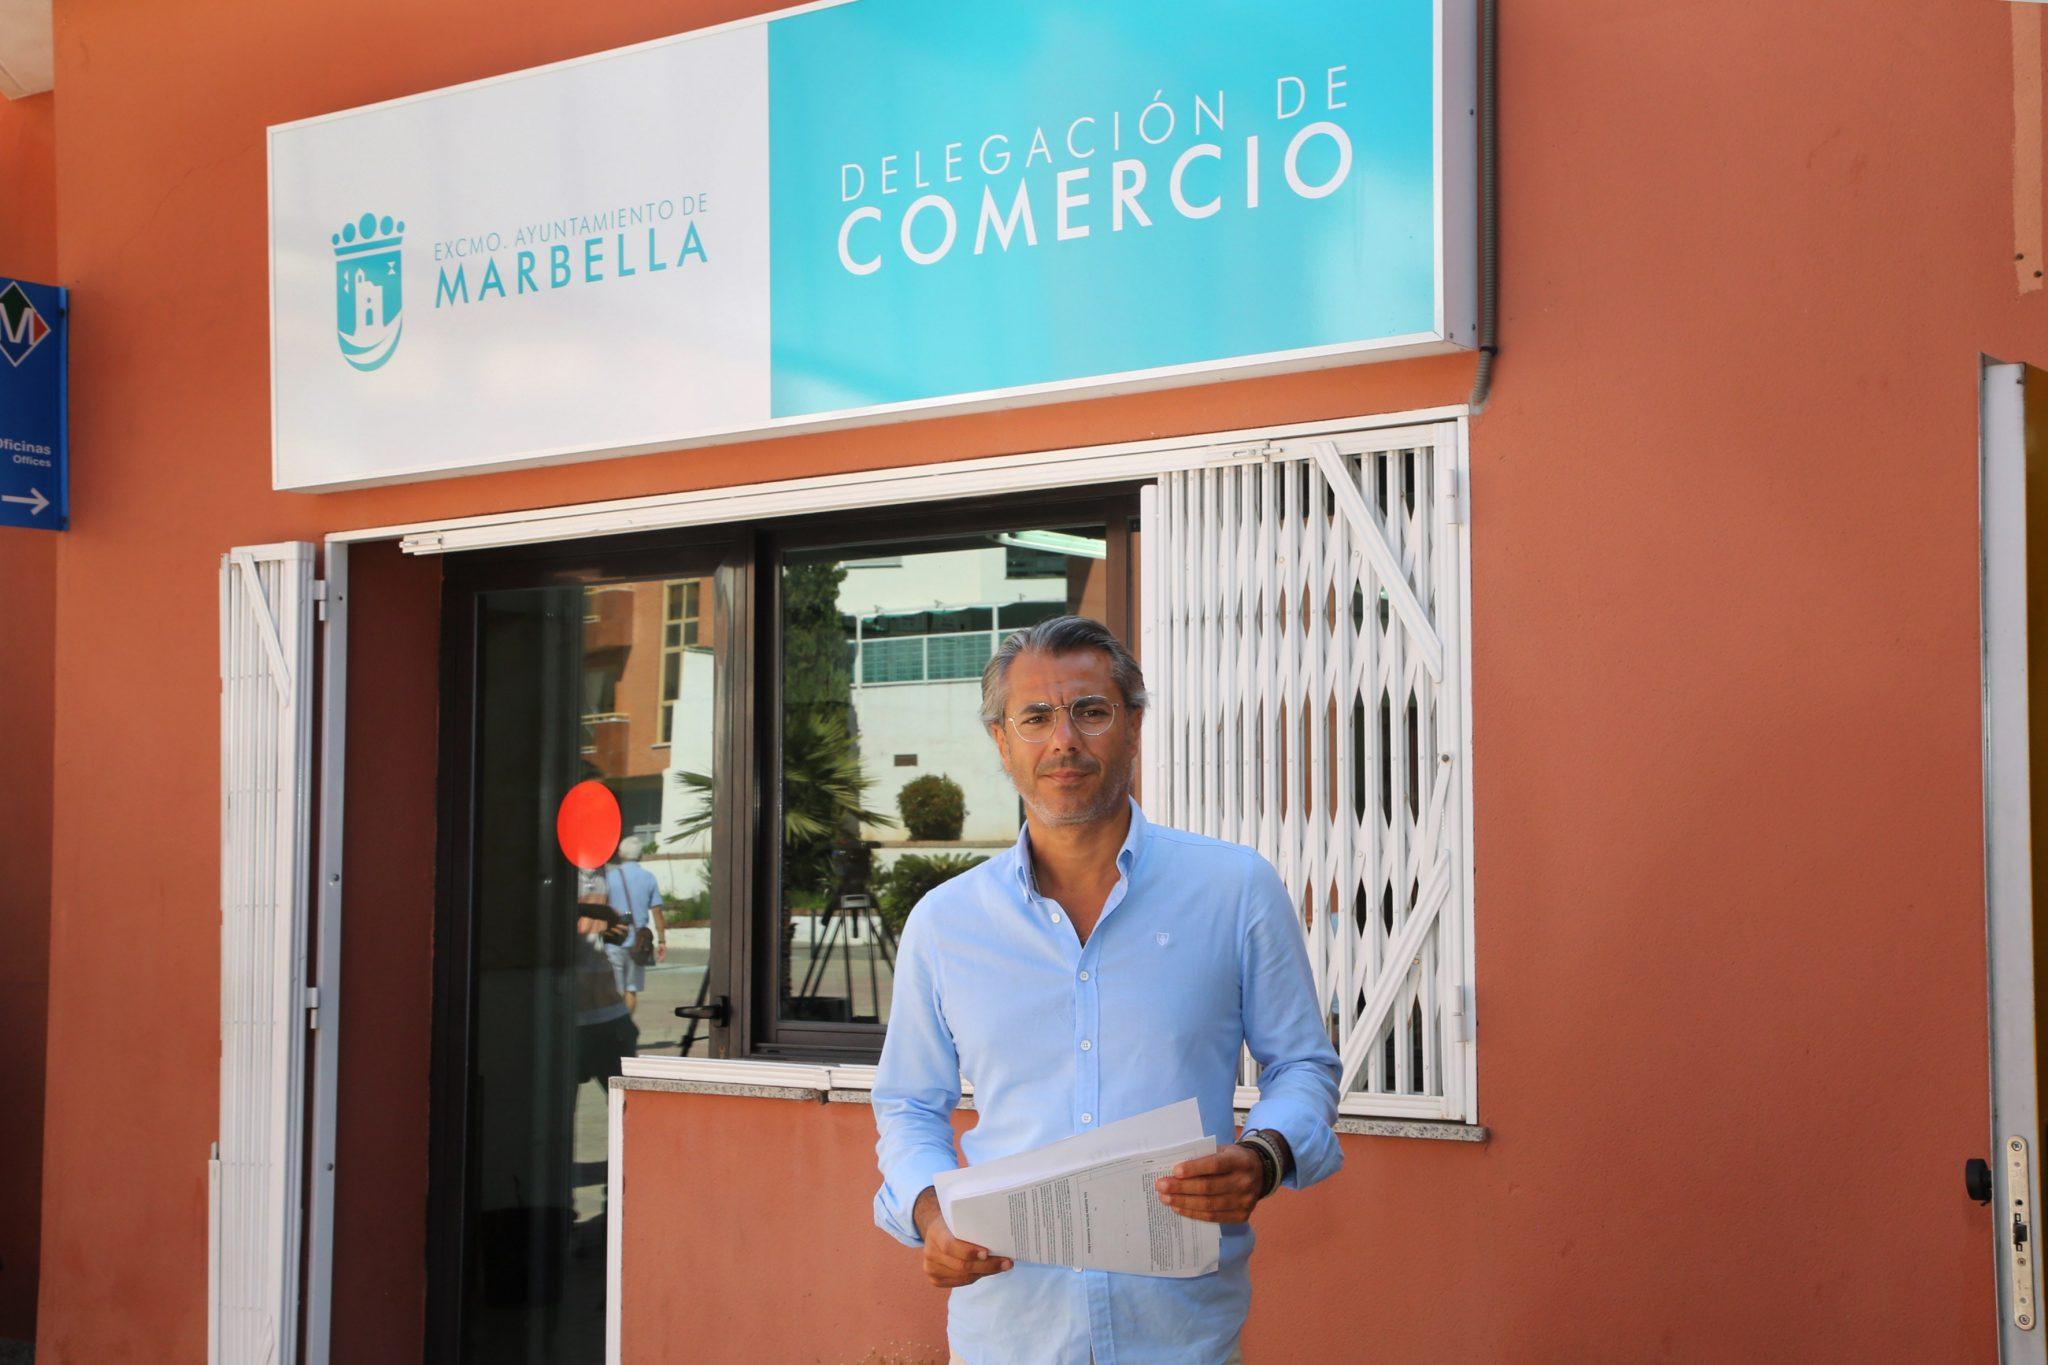 El mercadillo de Marbella se trasladará el lunes definitivamente a su ubicación original